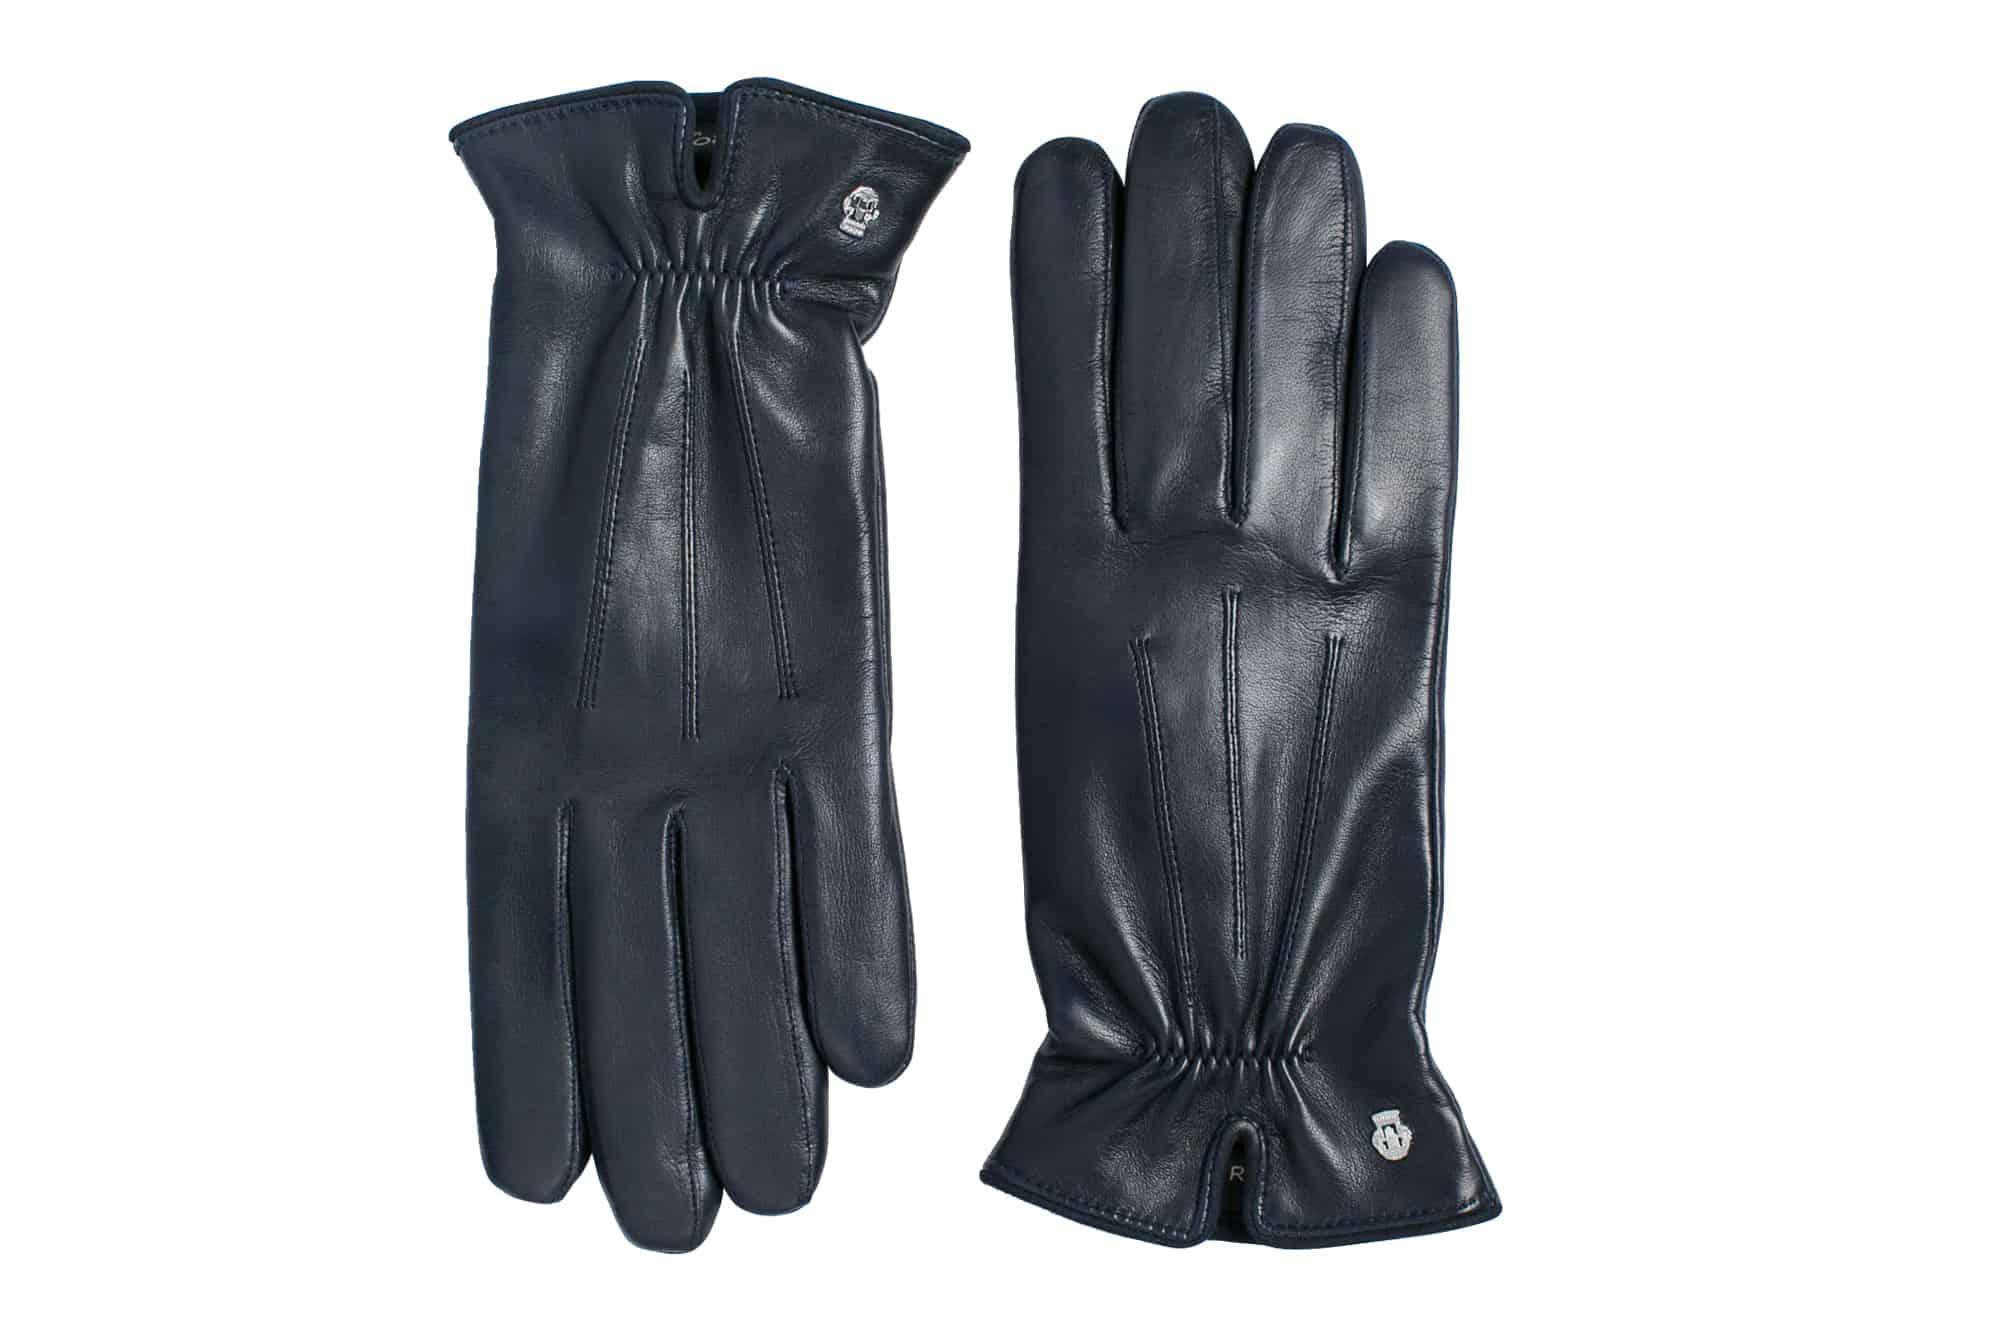 Eksklusive Roeckl-hansker til dame i lammeskinn 13011, marine blå, oversiden av hanskene